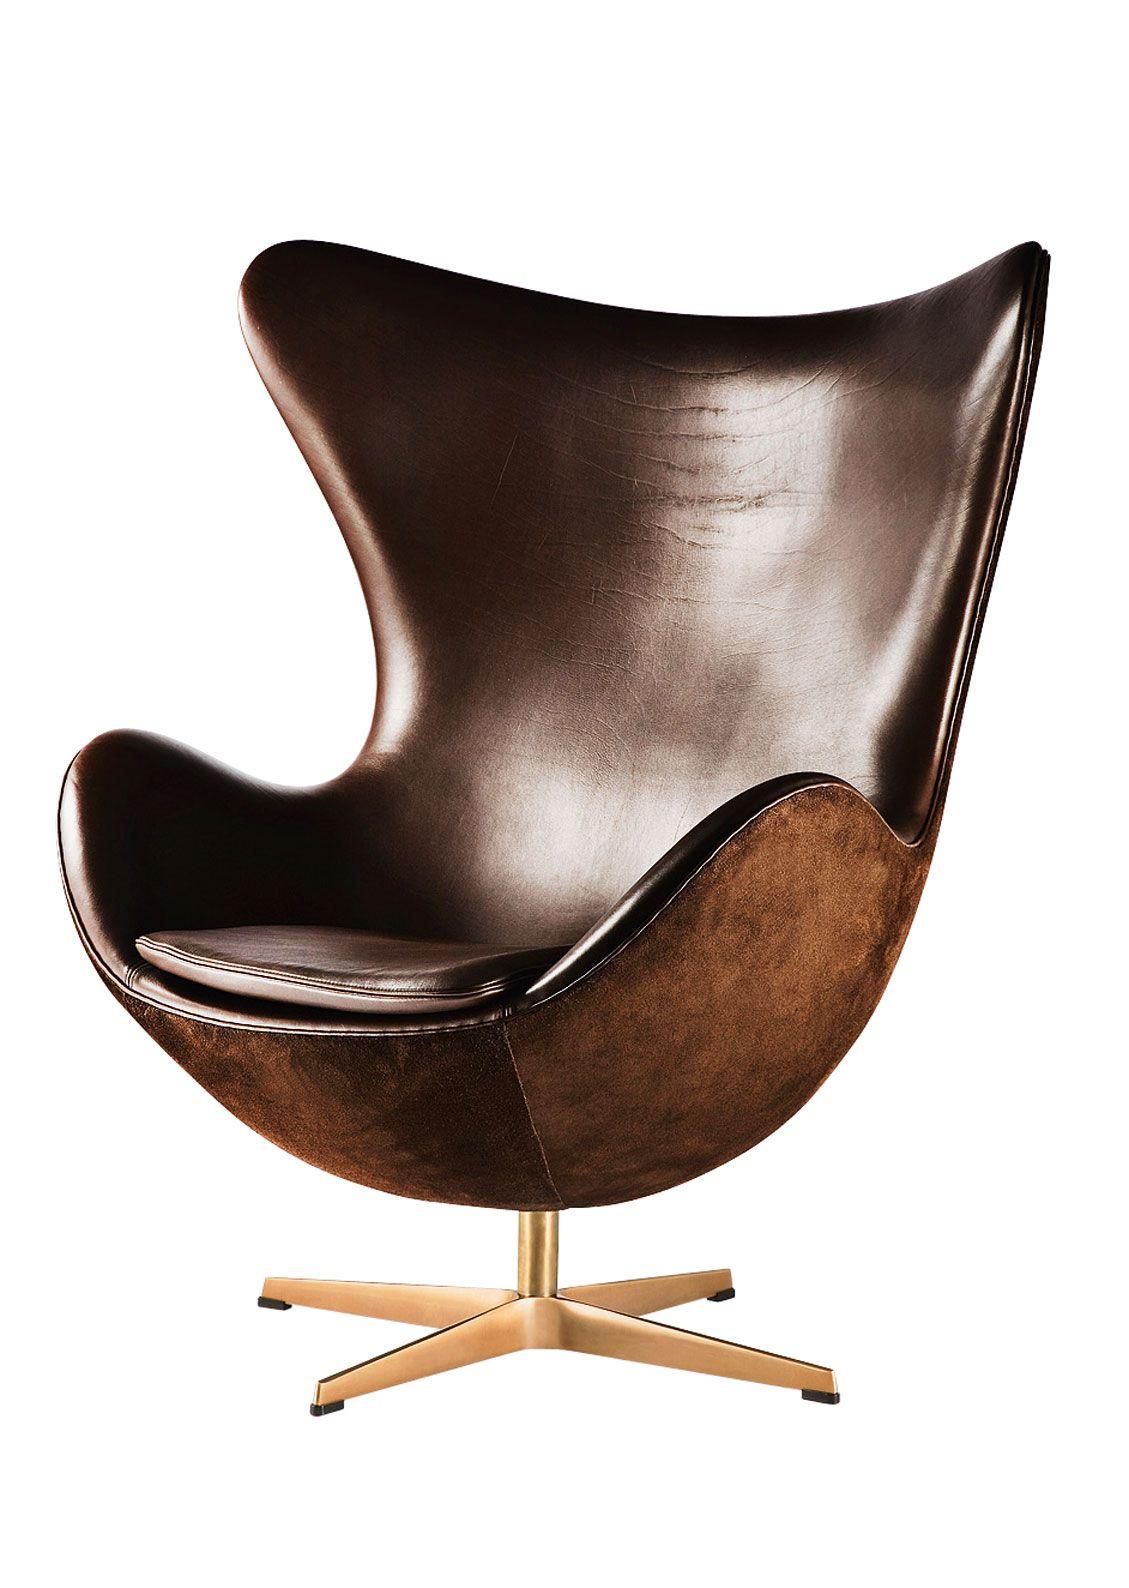 Fauteuil Egg Par Arne JACOBSEN Limited Edition Accoudoir Posséder - Formation decorateur interieur avec fauteuil danois design